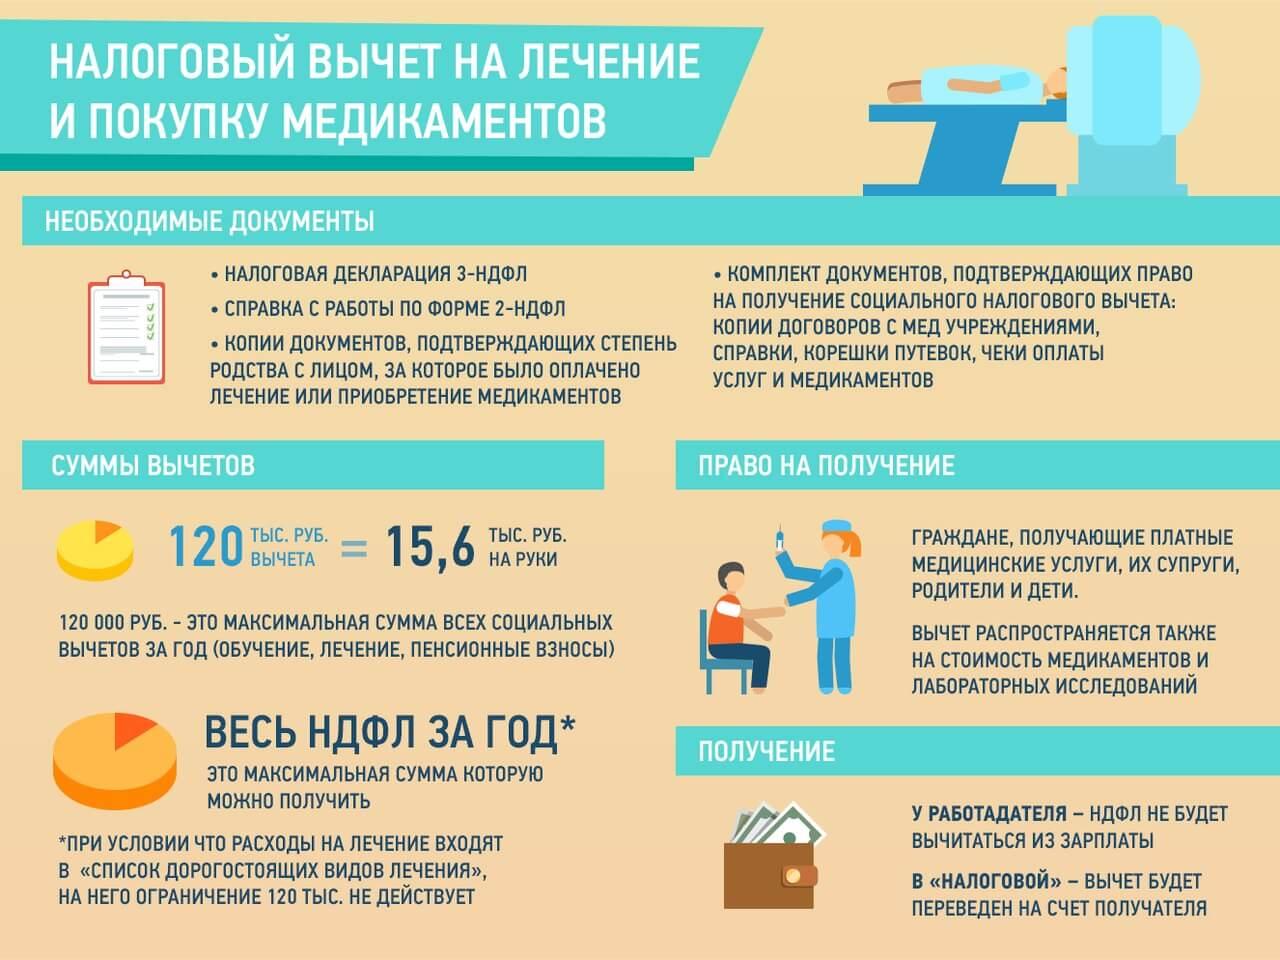 Получение налогового вычета на лечение и покупку медикаментов